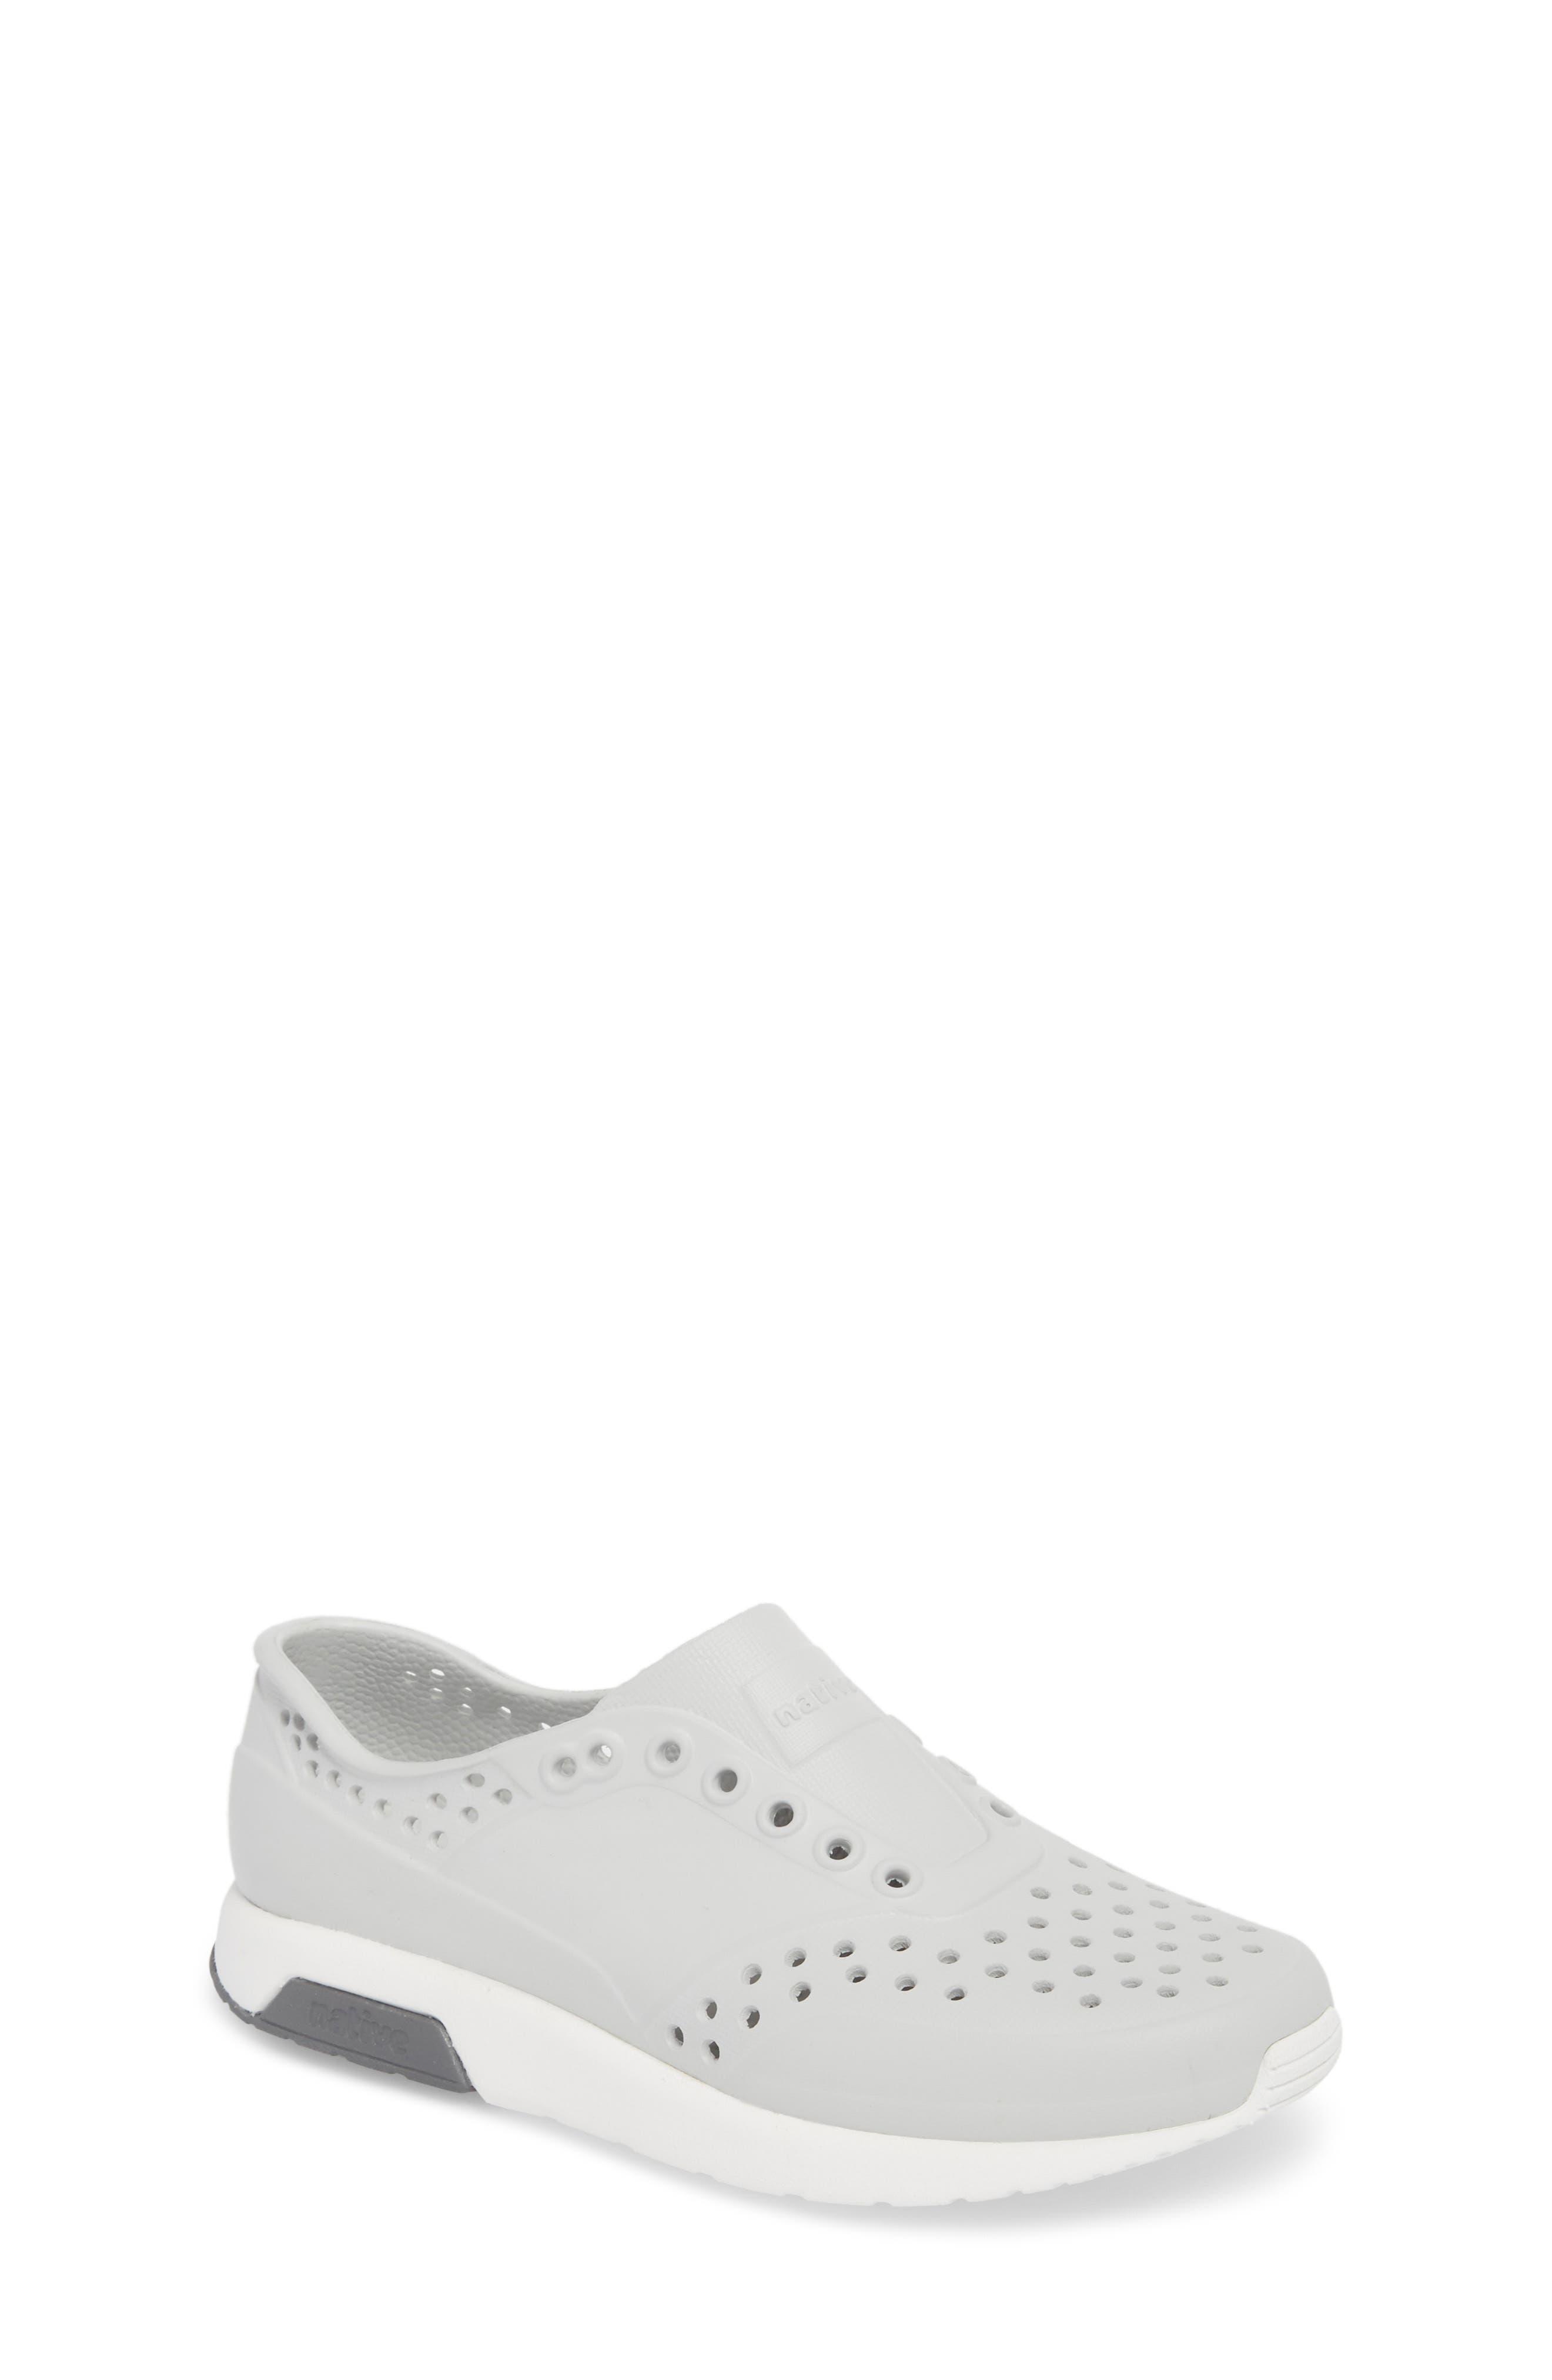 Lennox Slip-On Sneaker,                         Main,                         color, MIST GREY/ WHITE/ DUBLIN GREY